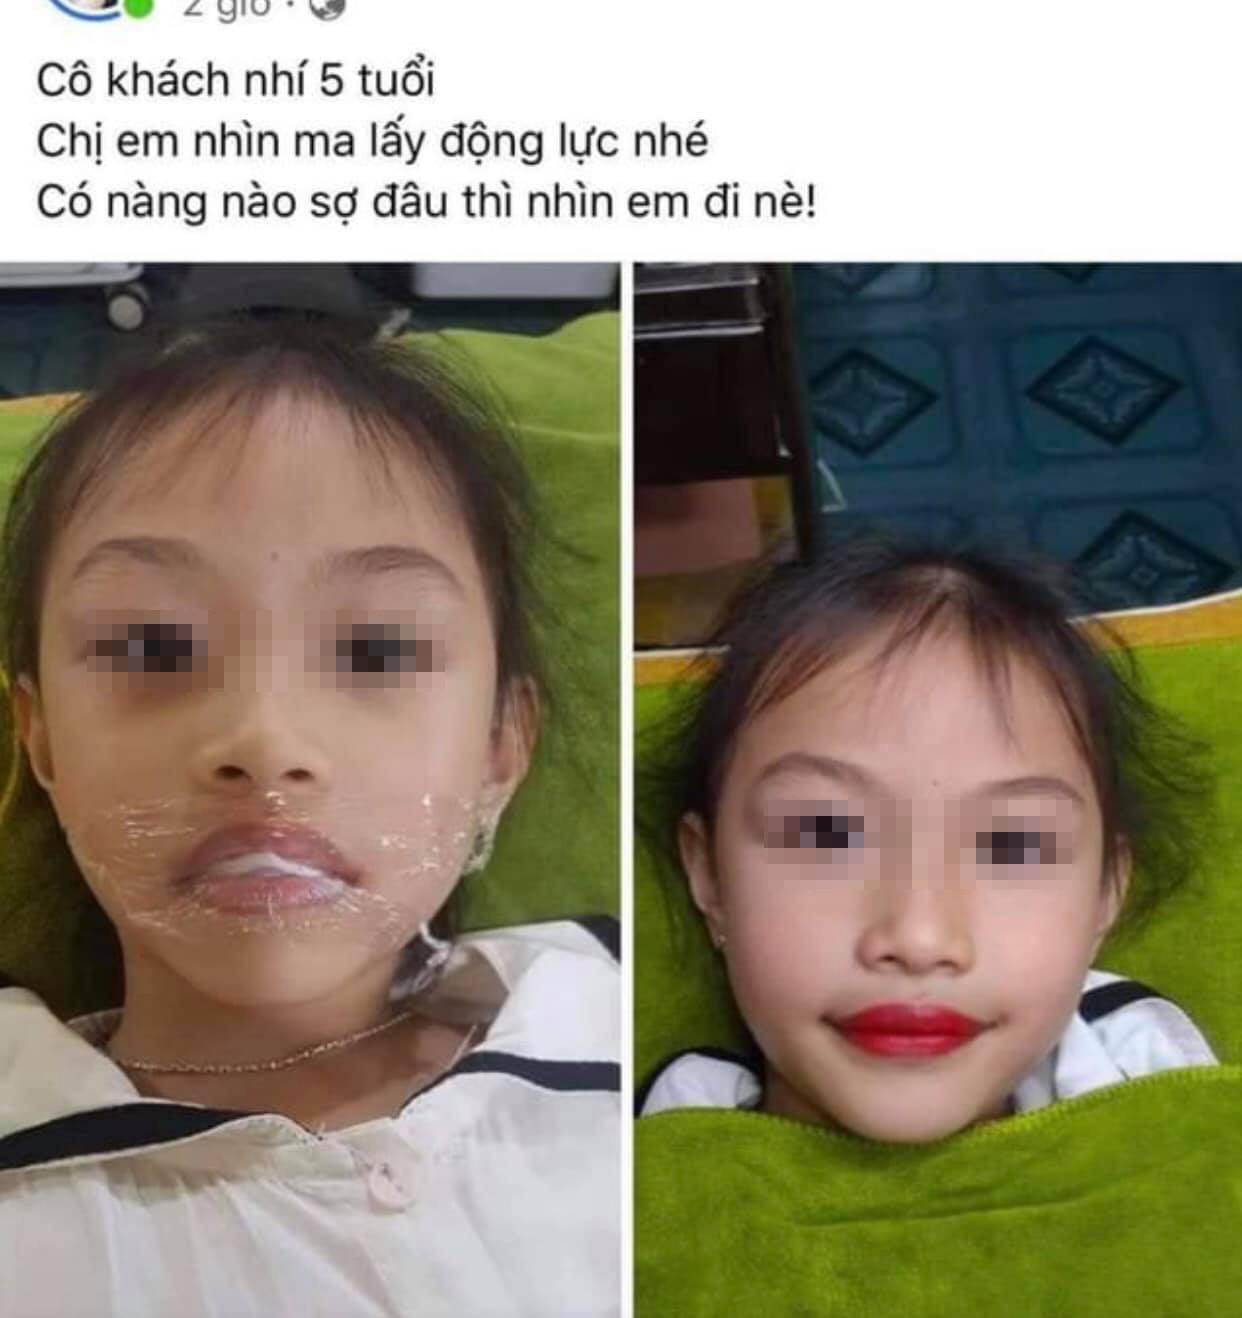 Mới 5 tuổi đã dẫn con gái đi phun môi, cộng đồng mạng bức xúc lên án người mẹ - Ảnh 3